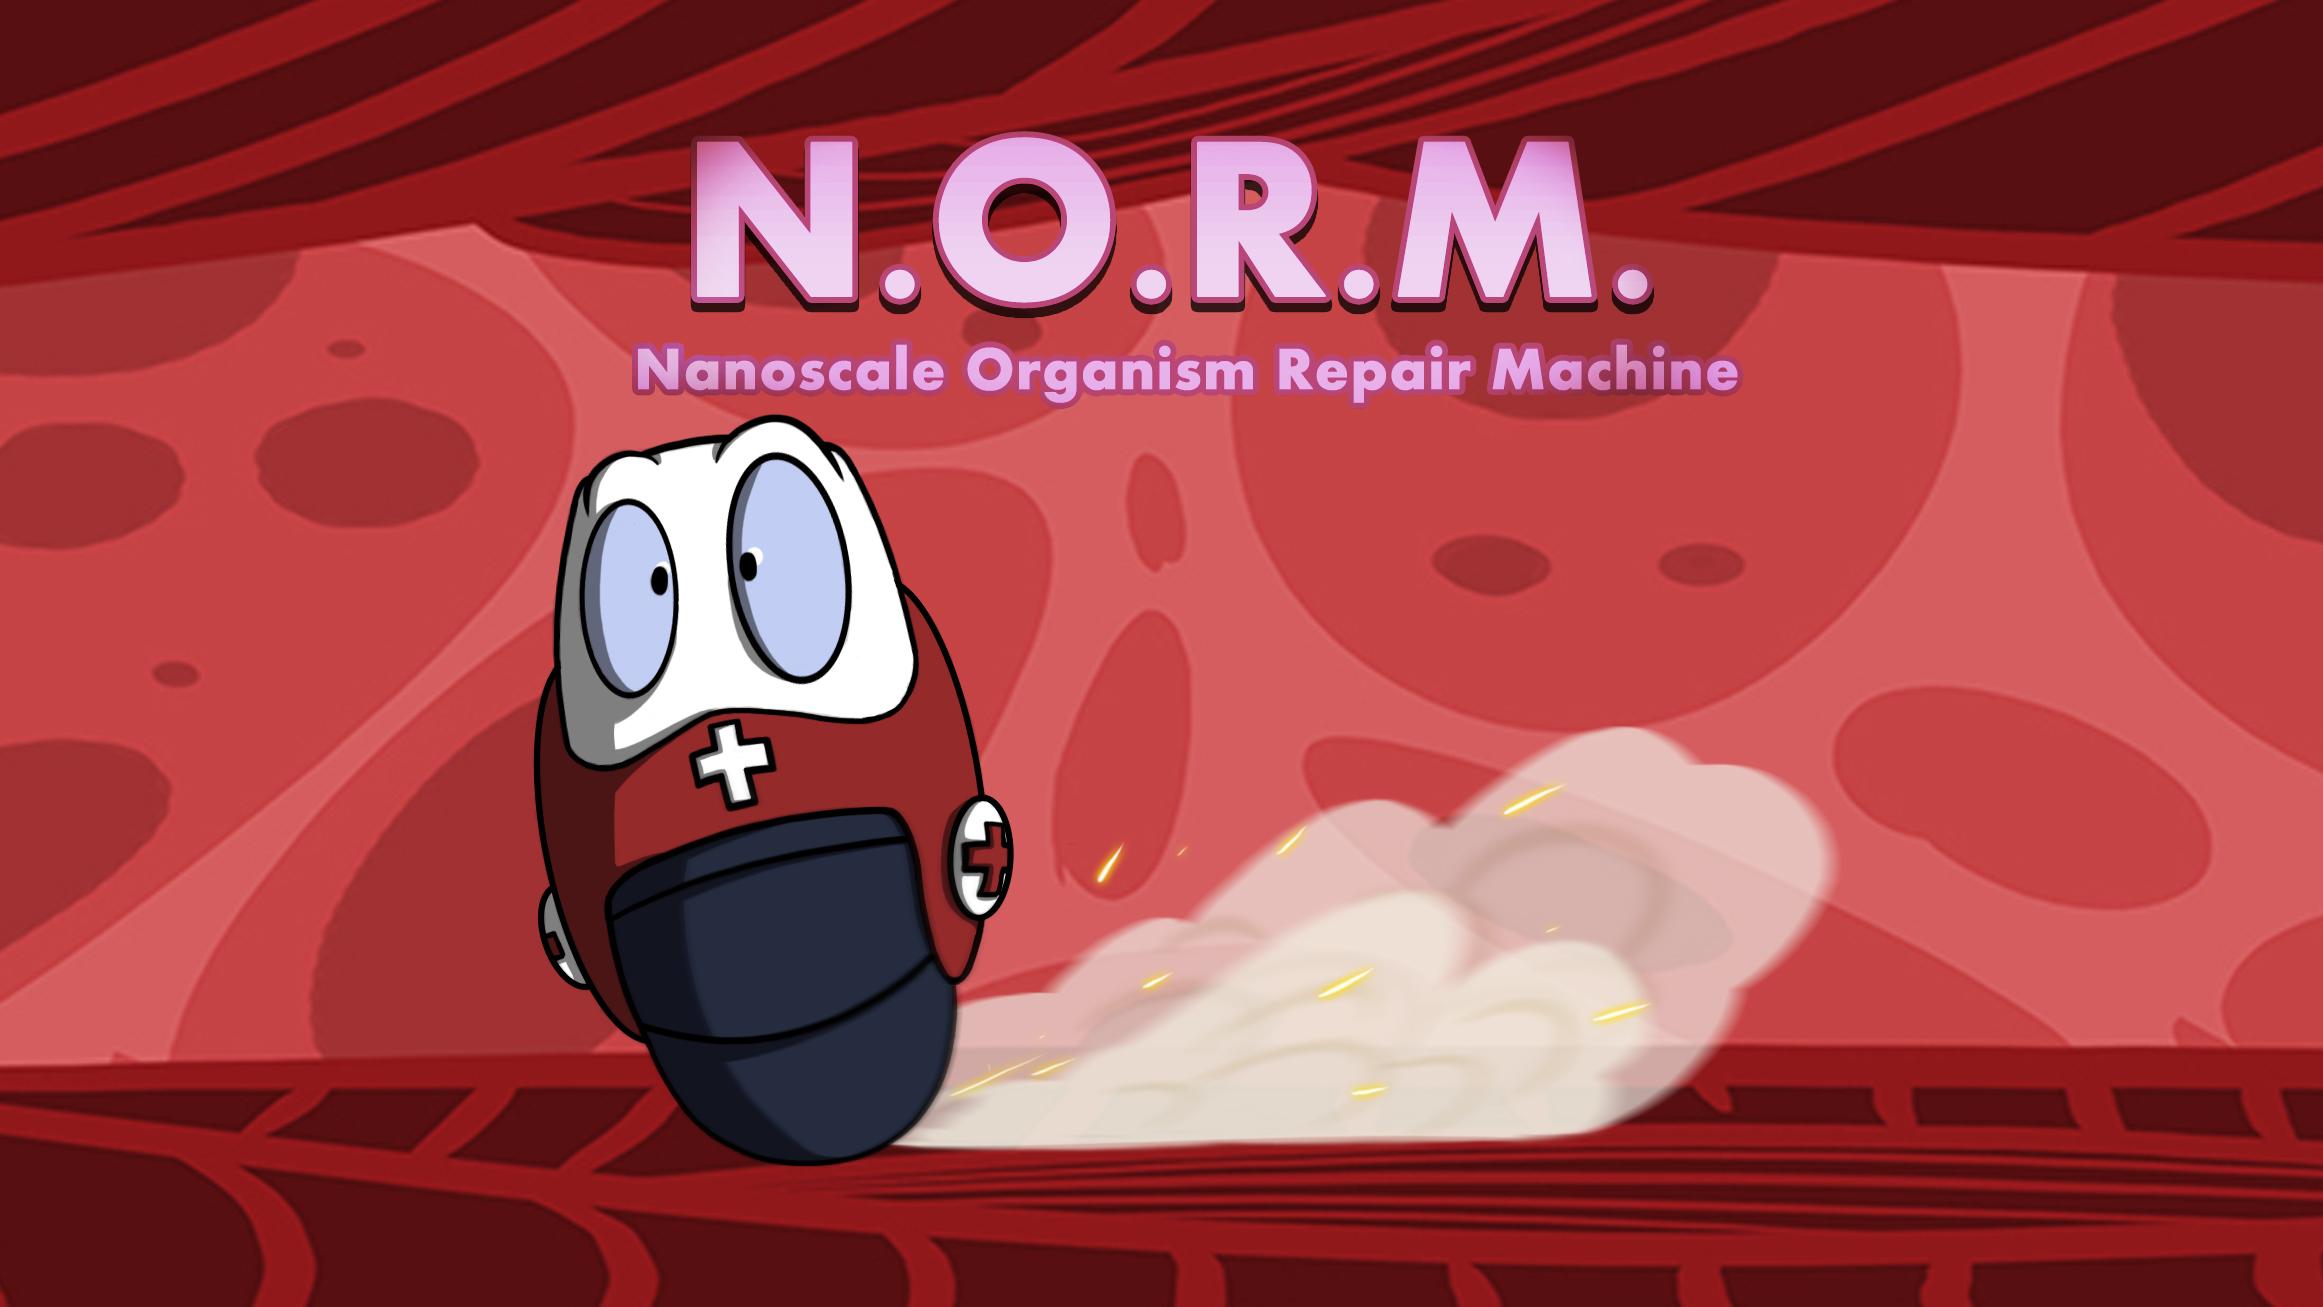 N.O.R.M.